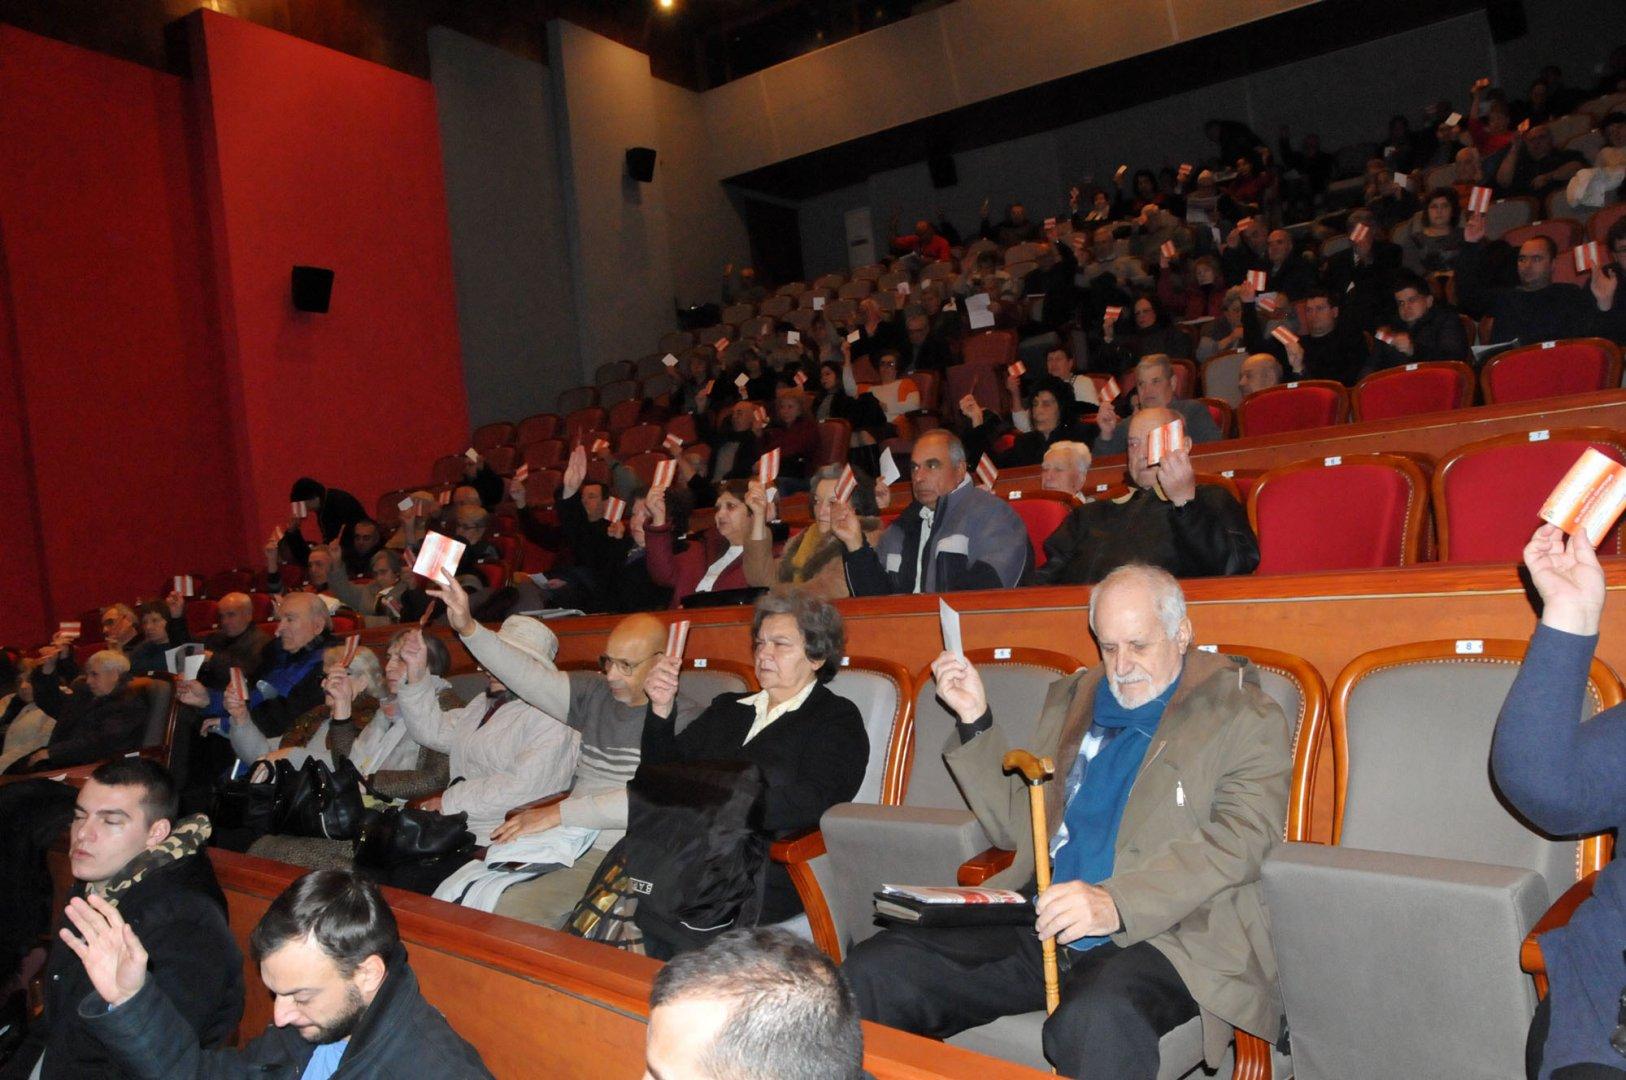 1200 са членовете на БСП - Бургас, които могат да участват във вота. Снимка Архив Черноморие-бг